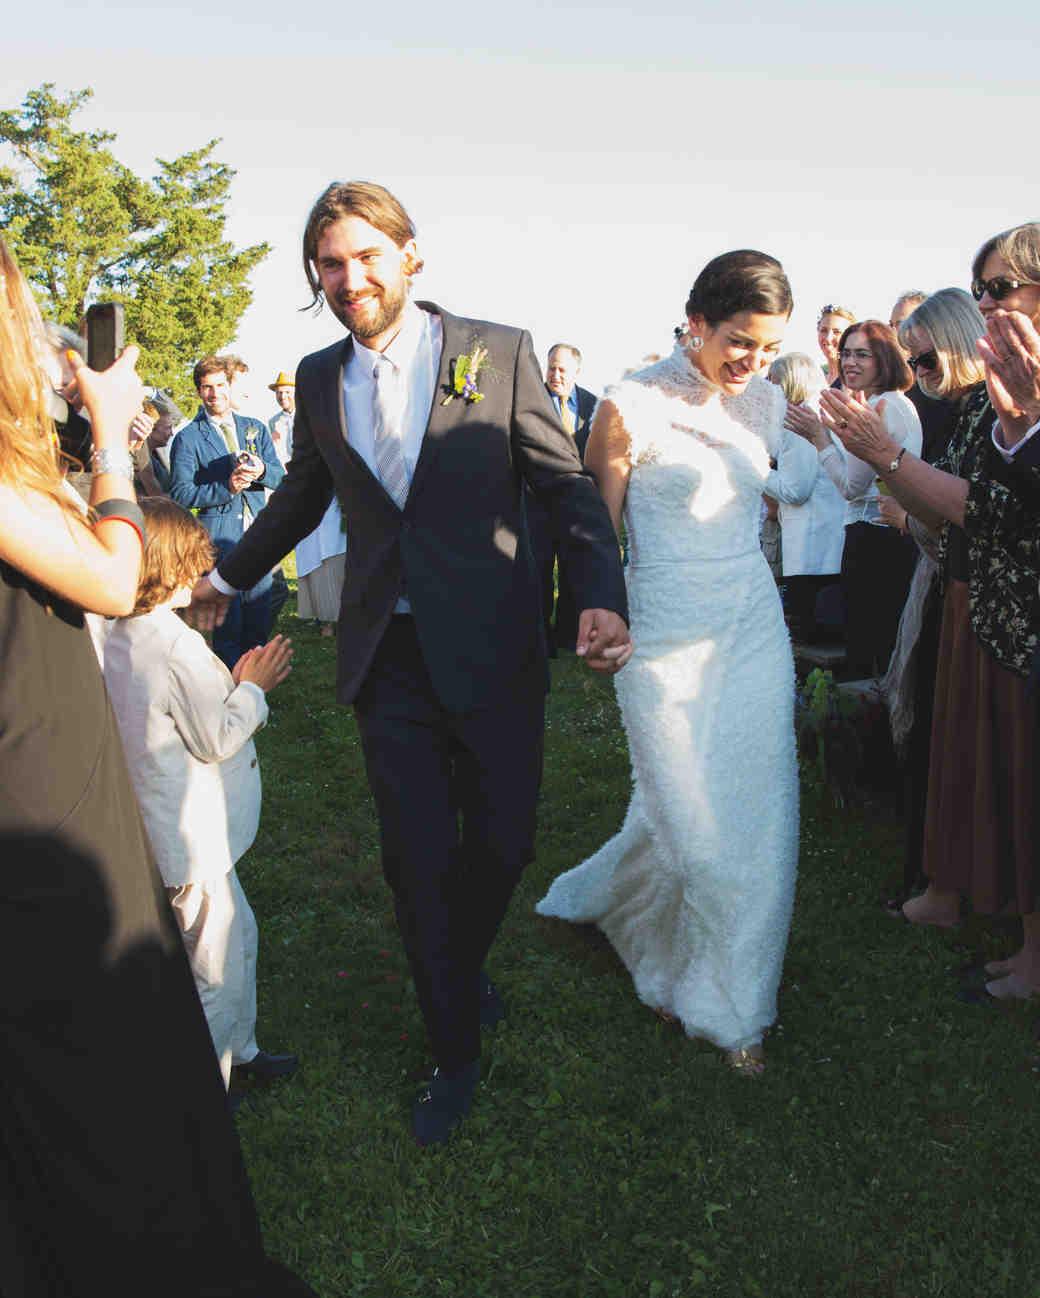 lilly-carter-wedding-recesstional-00437-s112037-0715.jpg